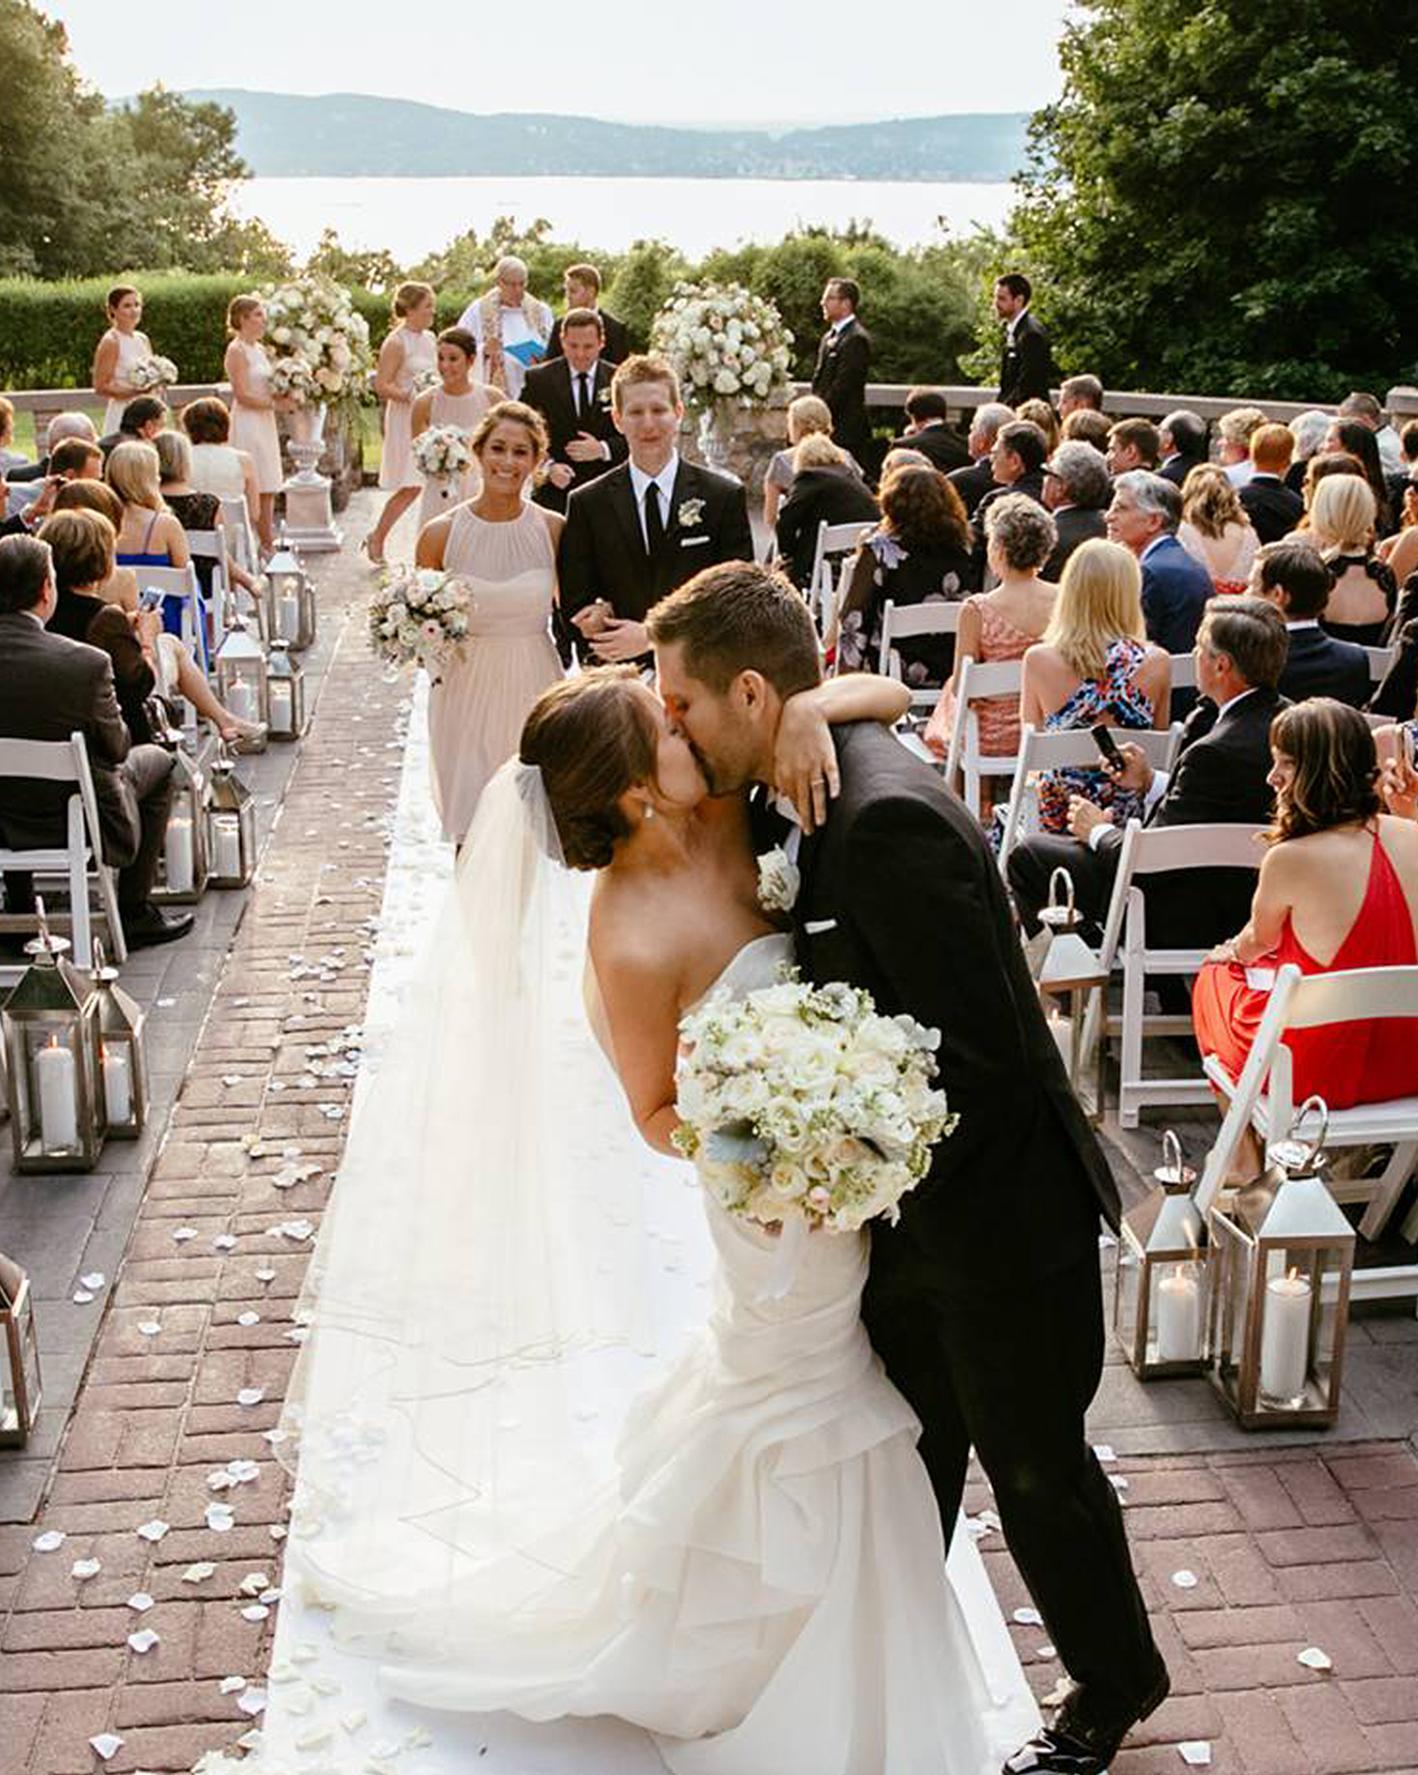 northeast-outdoor-wedding-venue-0515